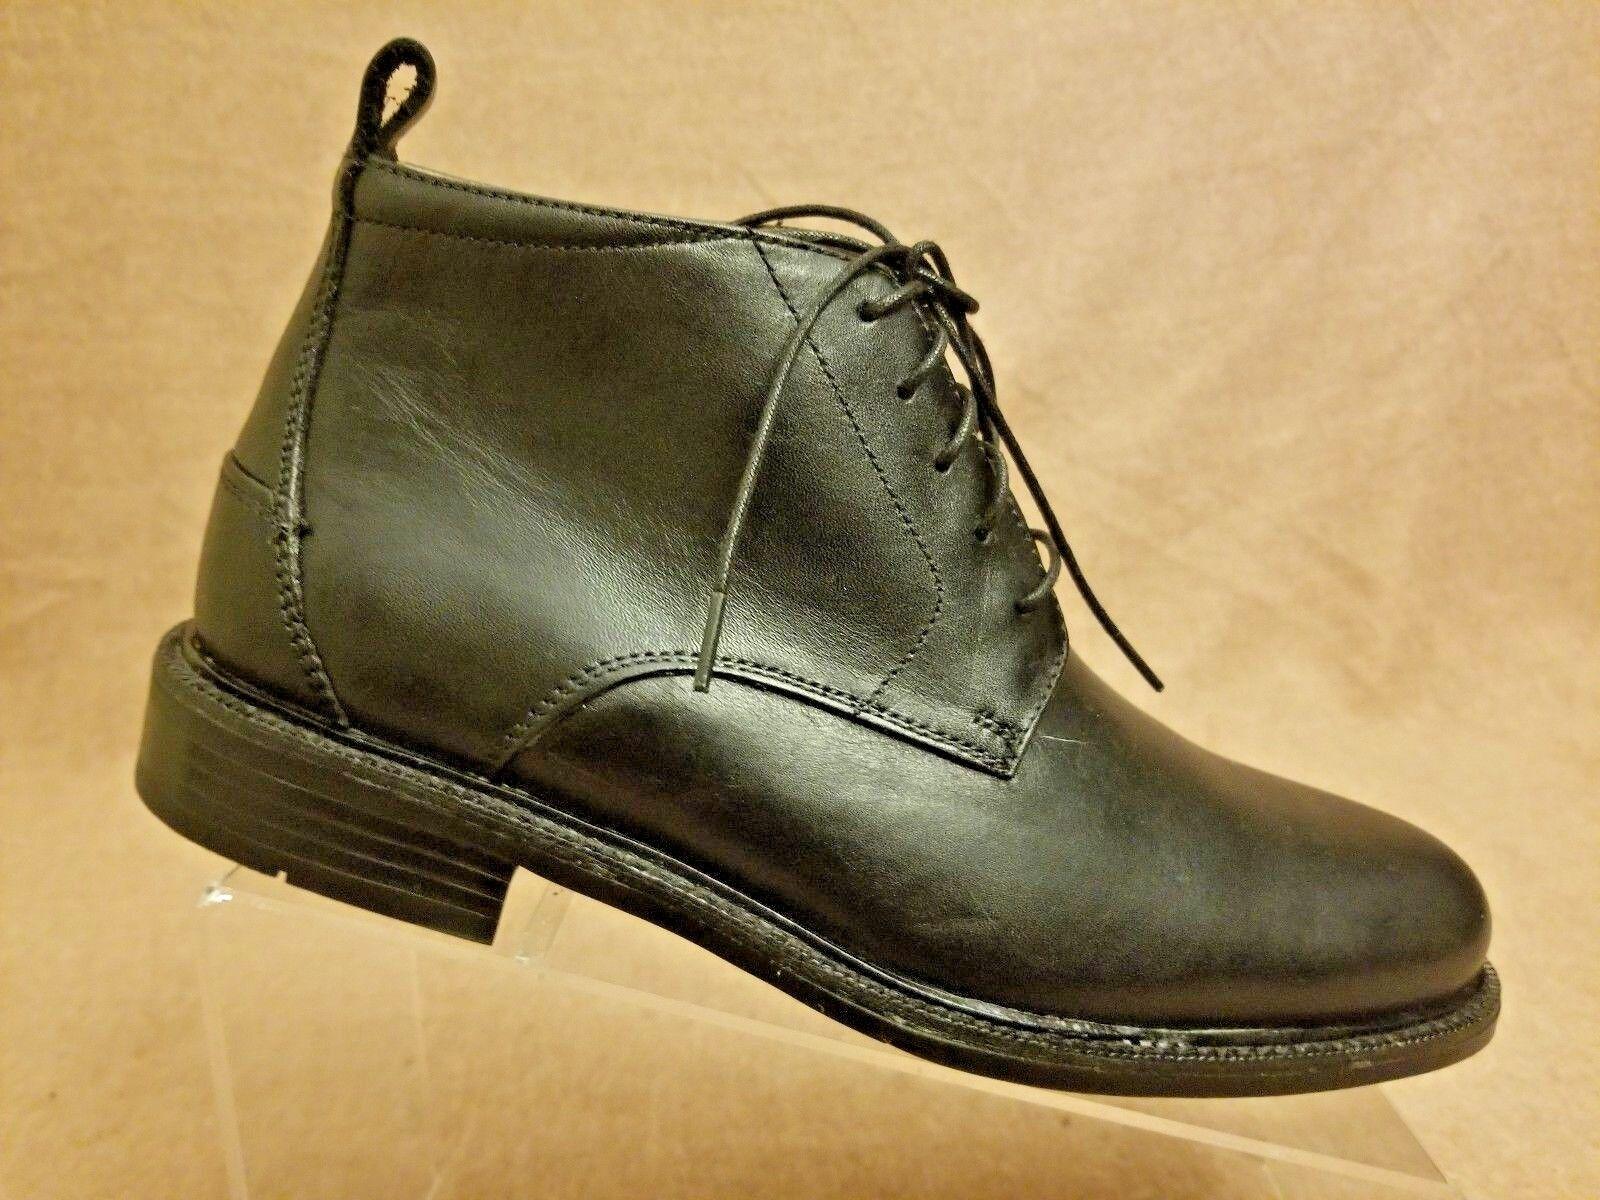 Florsheim Limited Waterproof Men shoes Black Leather Lace Up Ankle Boots Sz 7 D